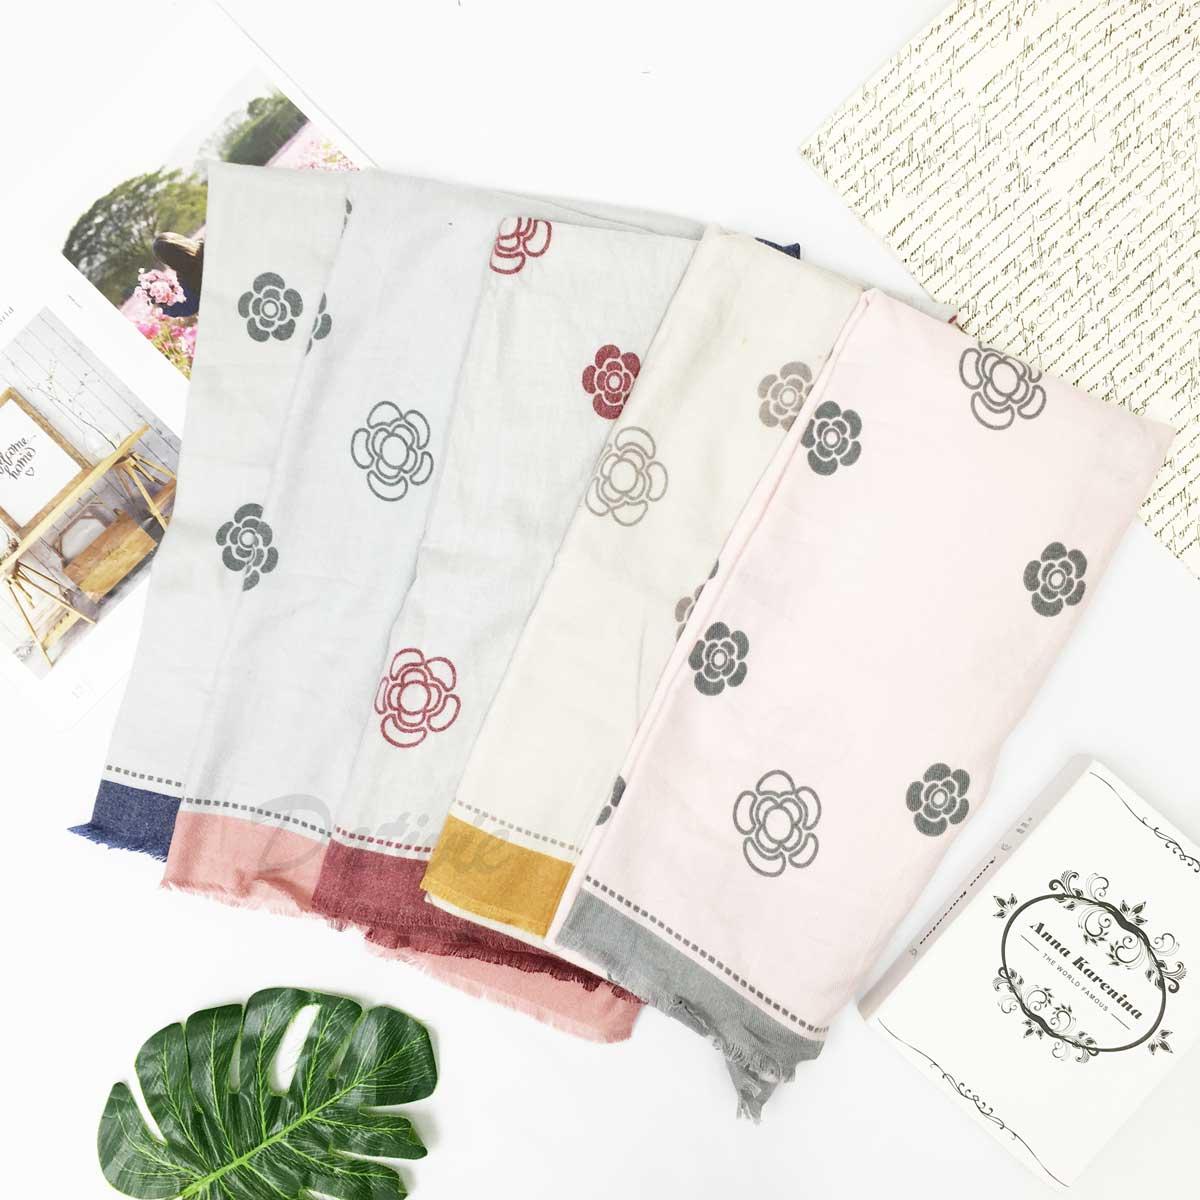 圍巾 小花朵 框邊 親膚 柔暖 保暖 披肩 氣質款 圍巾